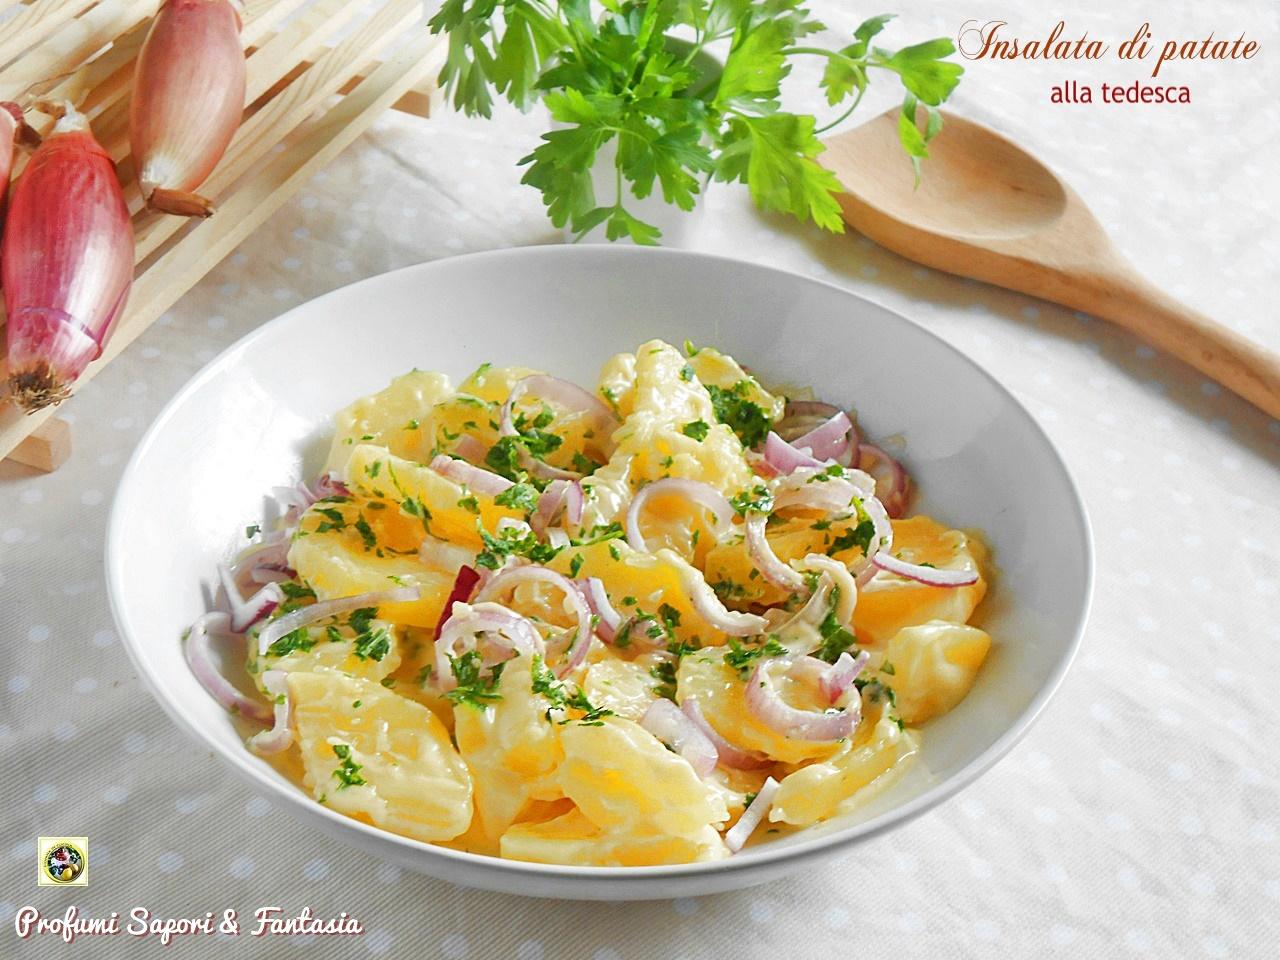 Insalata-di-patate-alla-tedesca-